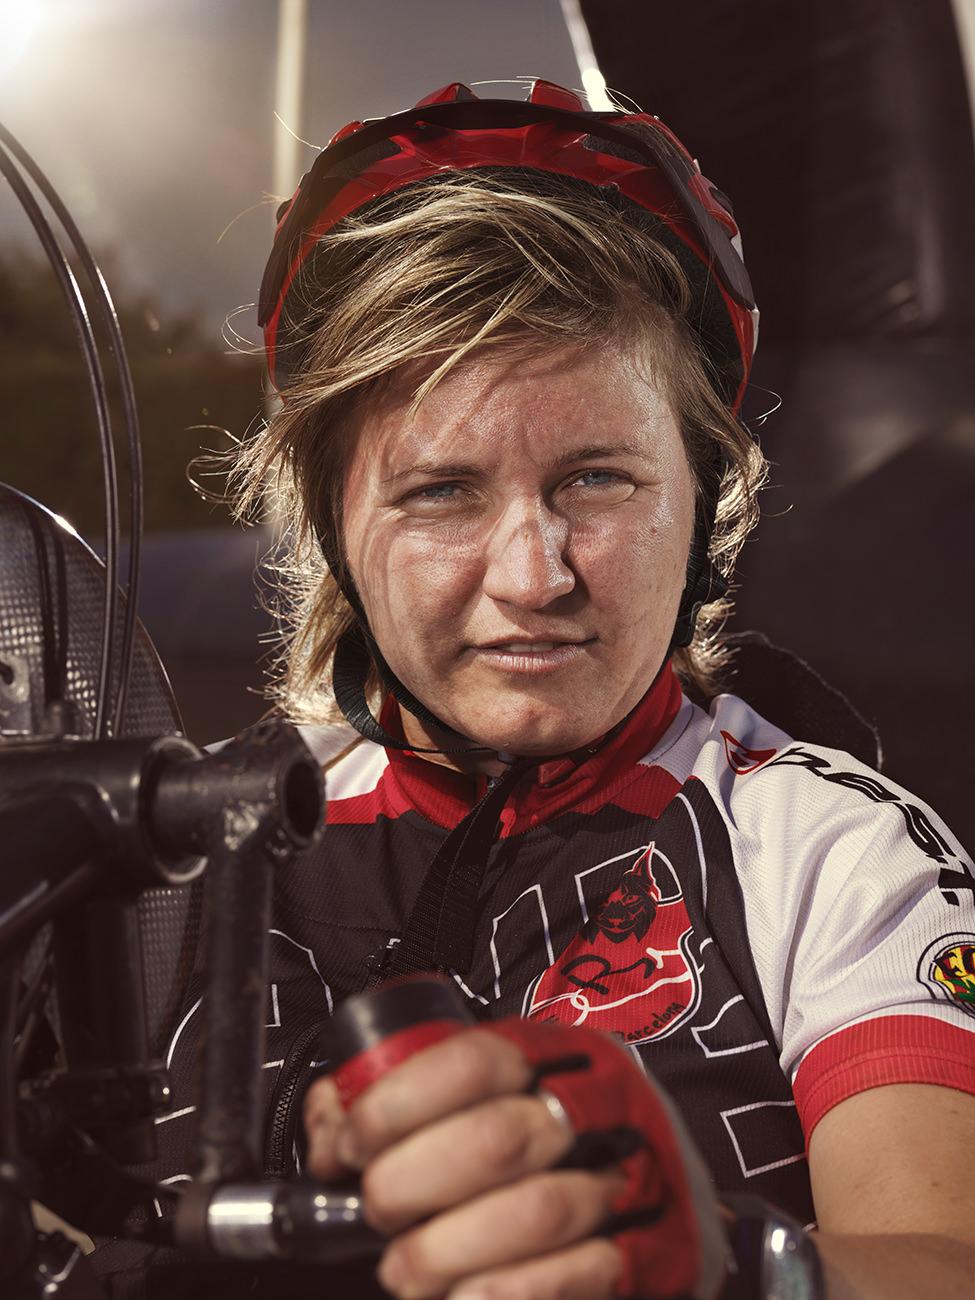 Handbike EHC Castelldefels, Portrait, Handbike, Sport, Spain, Castelldefels, anke luckmann, www.ankeluckmann.com